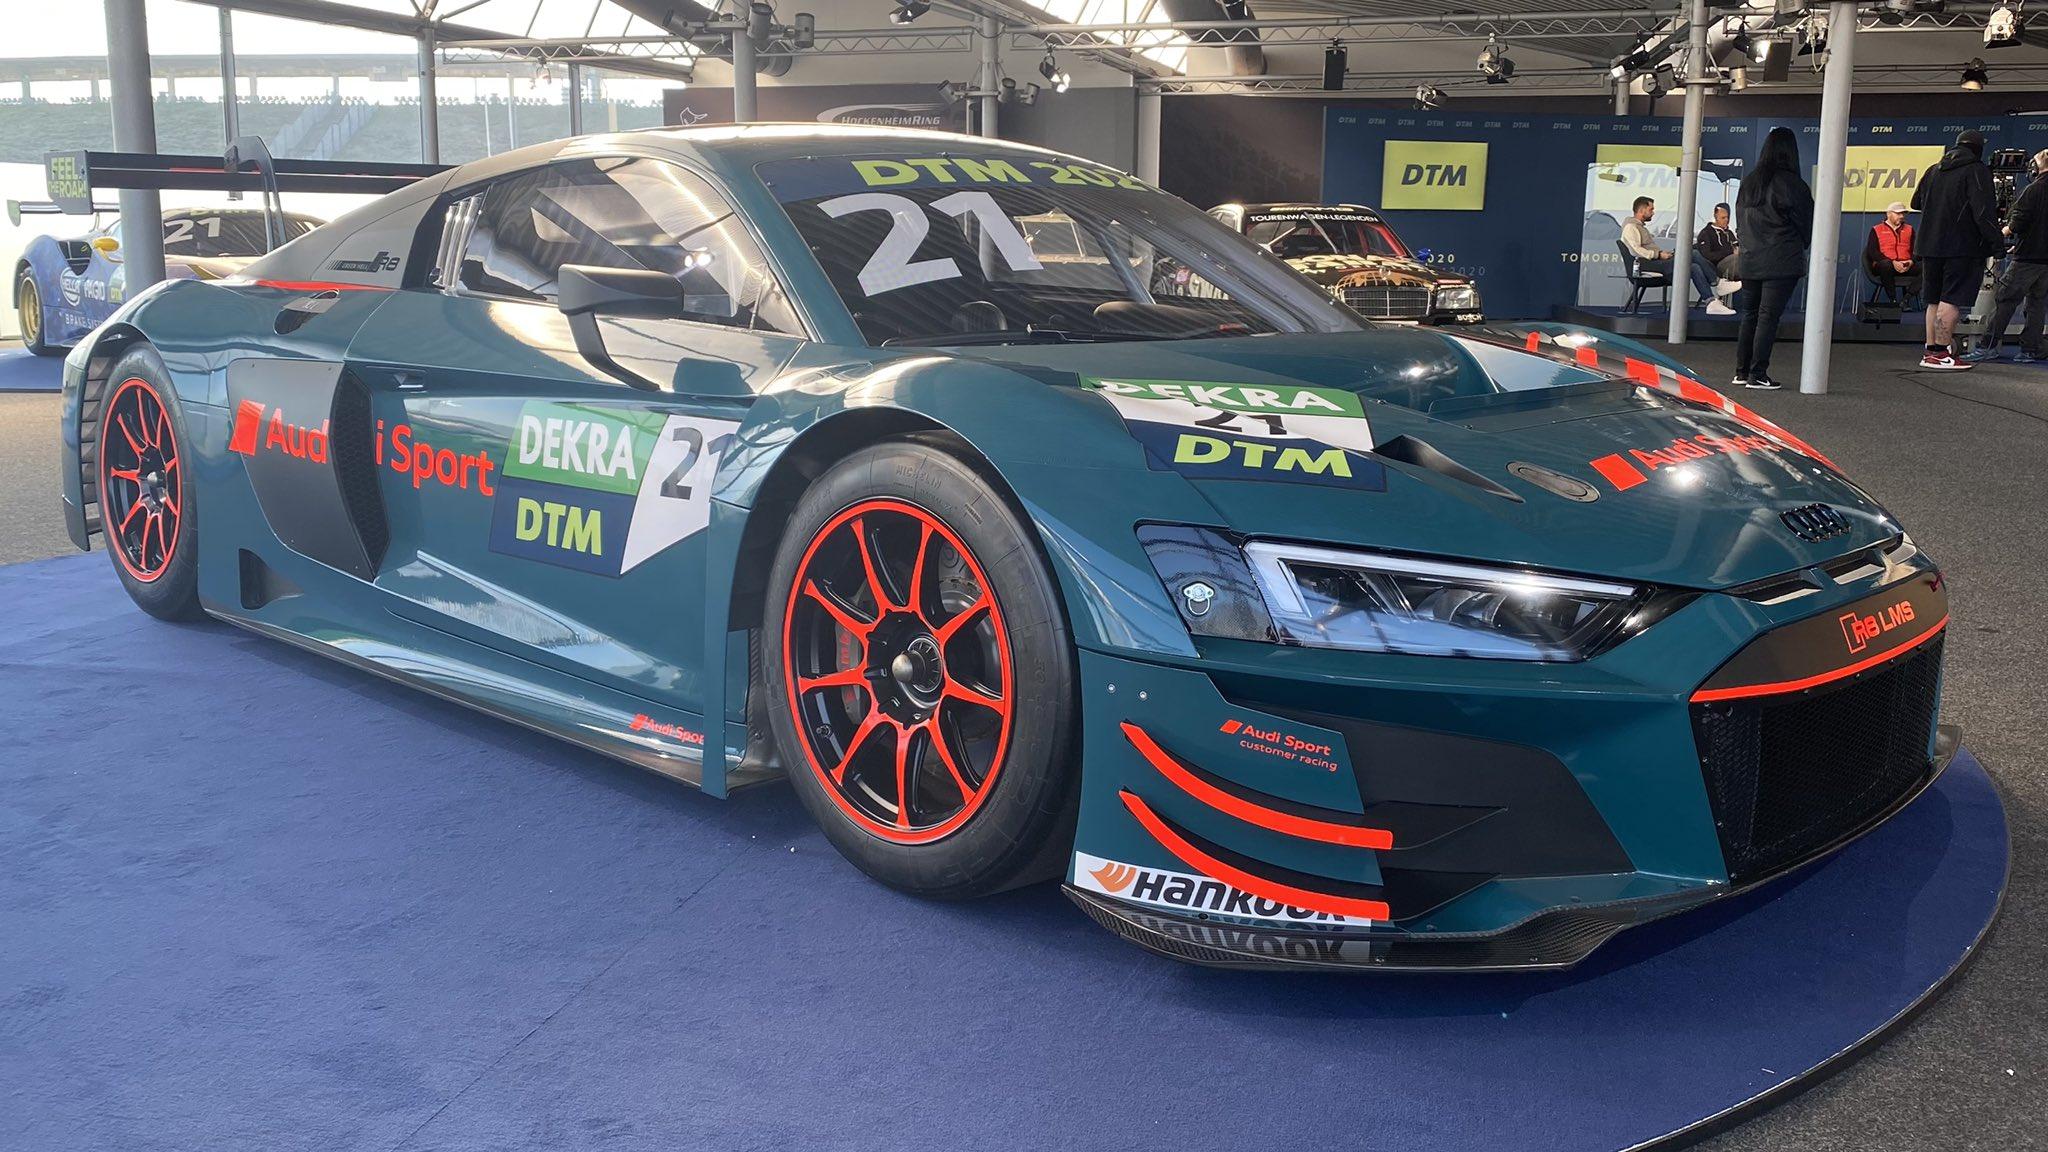 Poznaliśmy nowe regulacje serii DTM na sezon 2021!